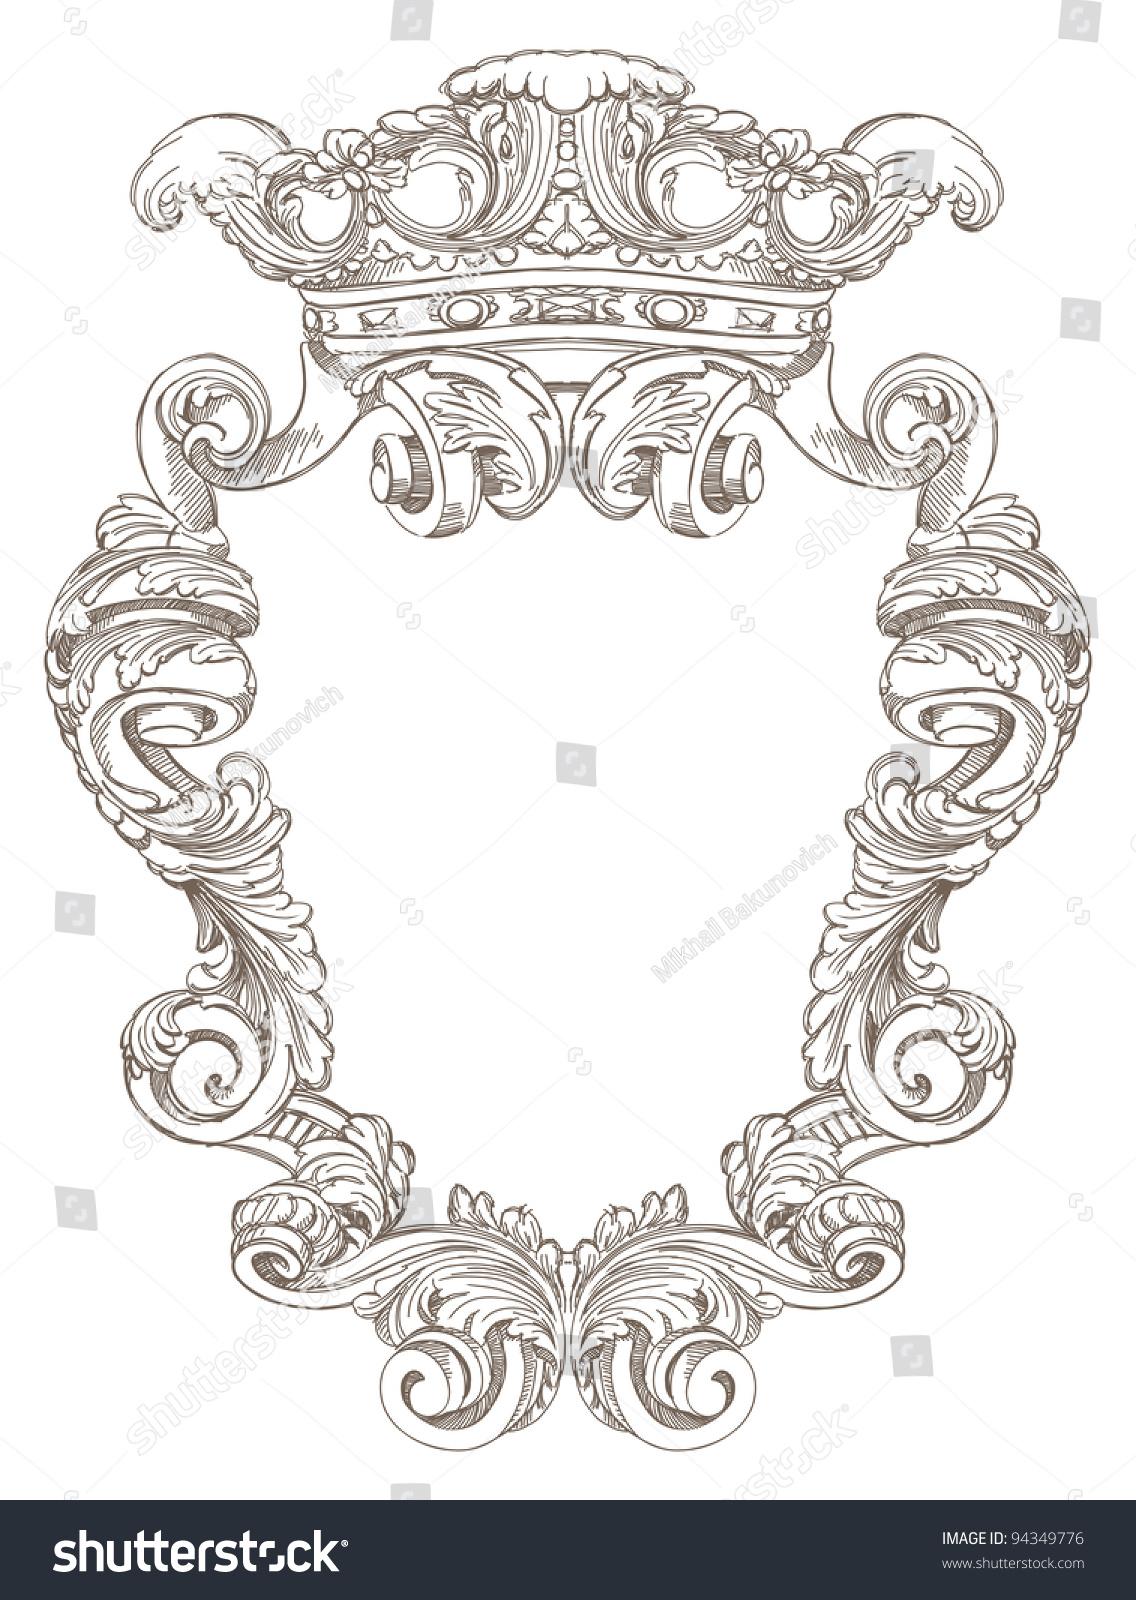 盾形纹章-背景/素材,复古风格-海洛创意(hellorf)--.